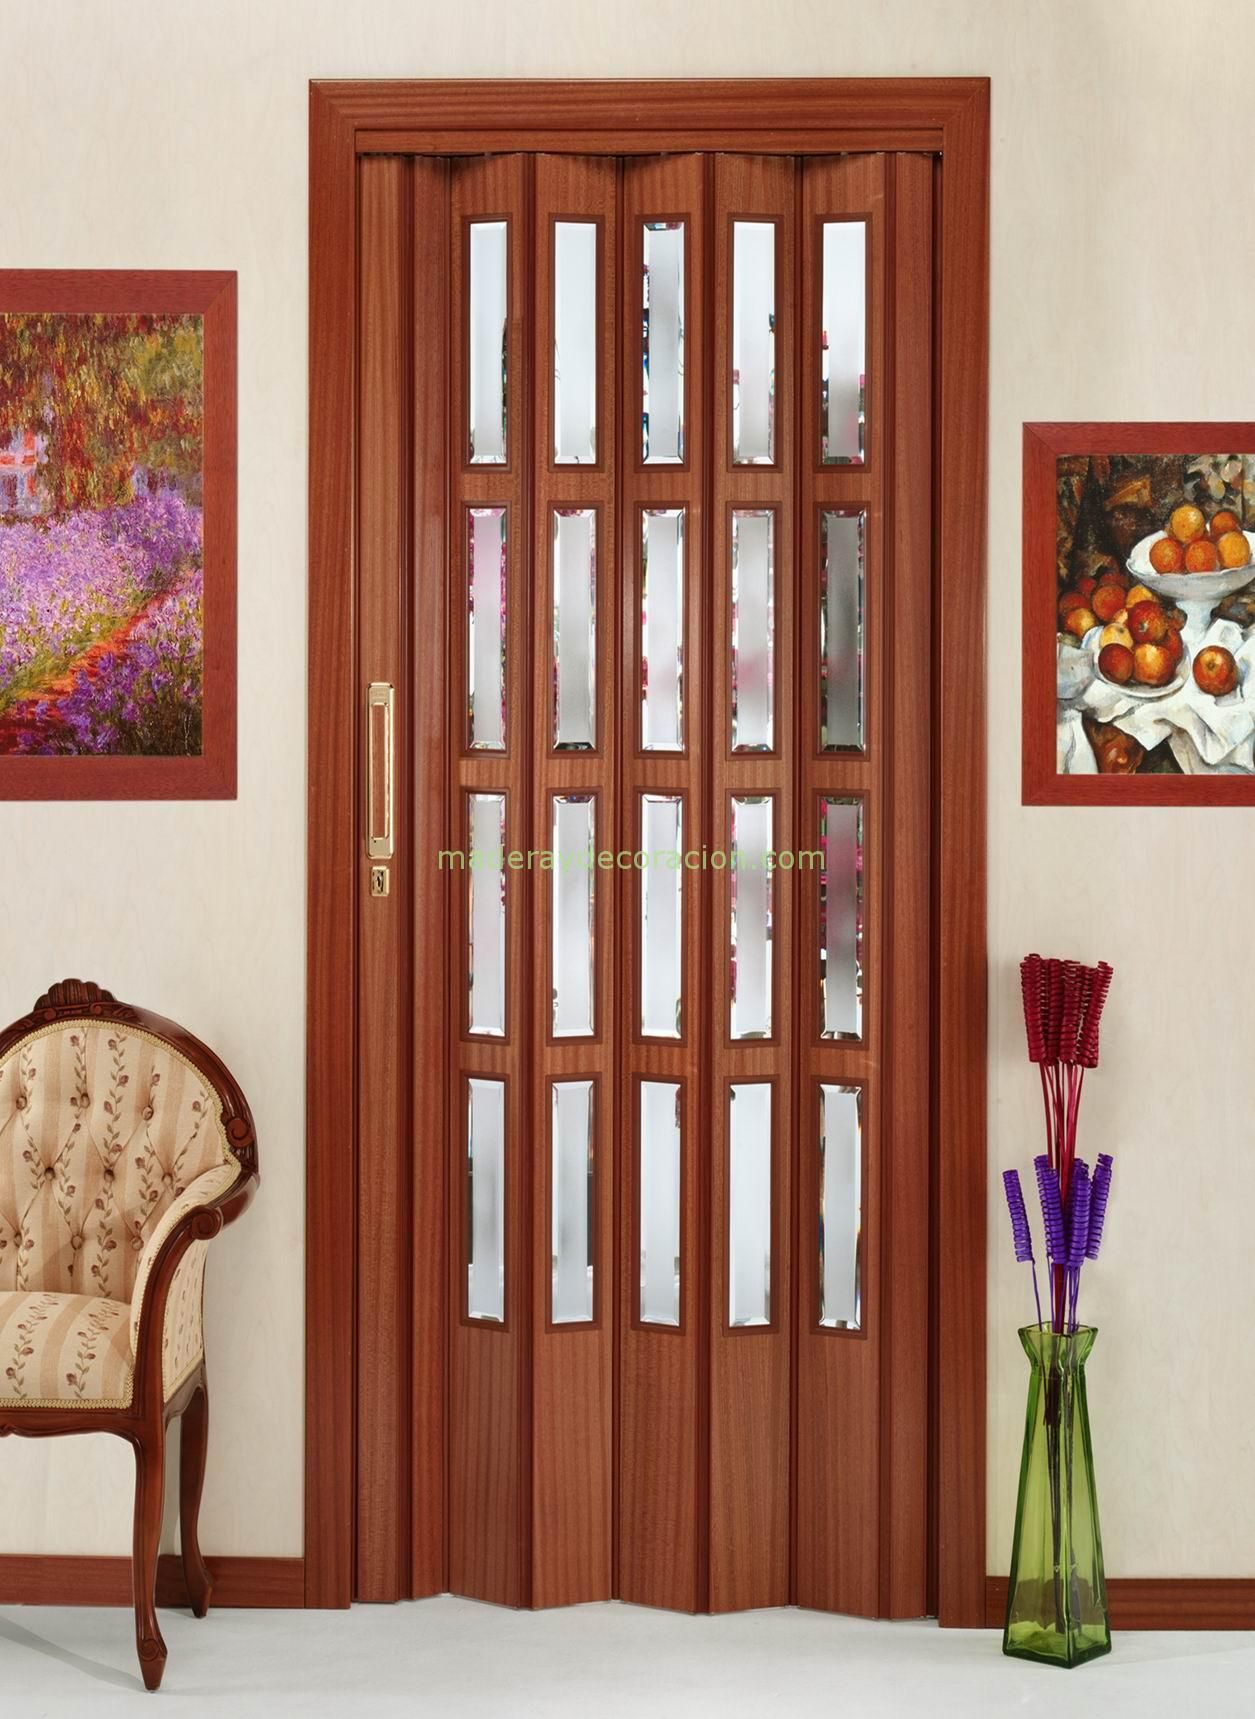 Puertas plegables a medida de madera y pvc for Puertas de aluminio a medida precios